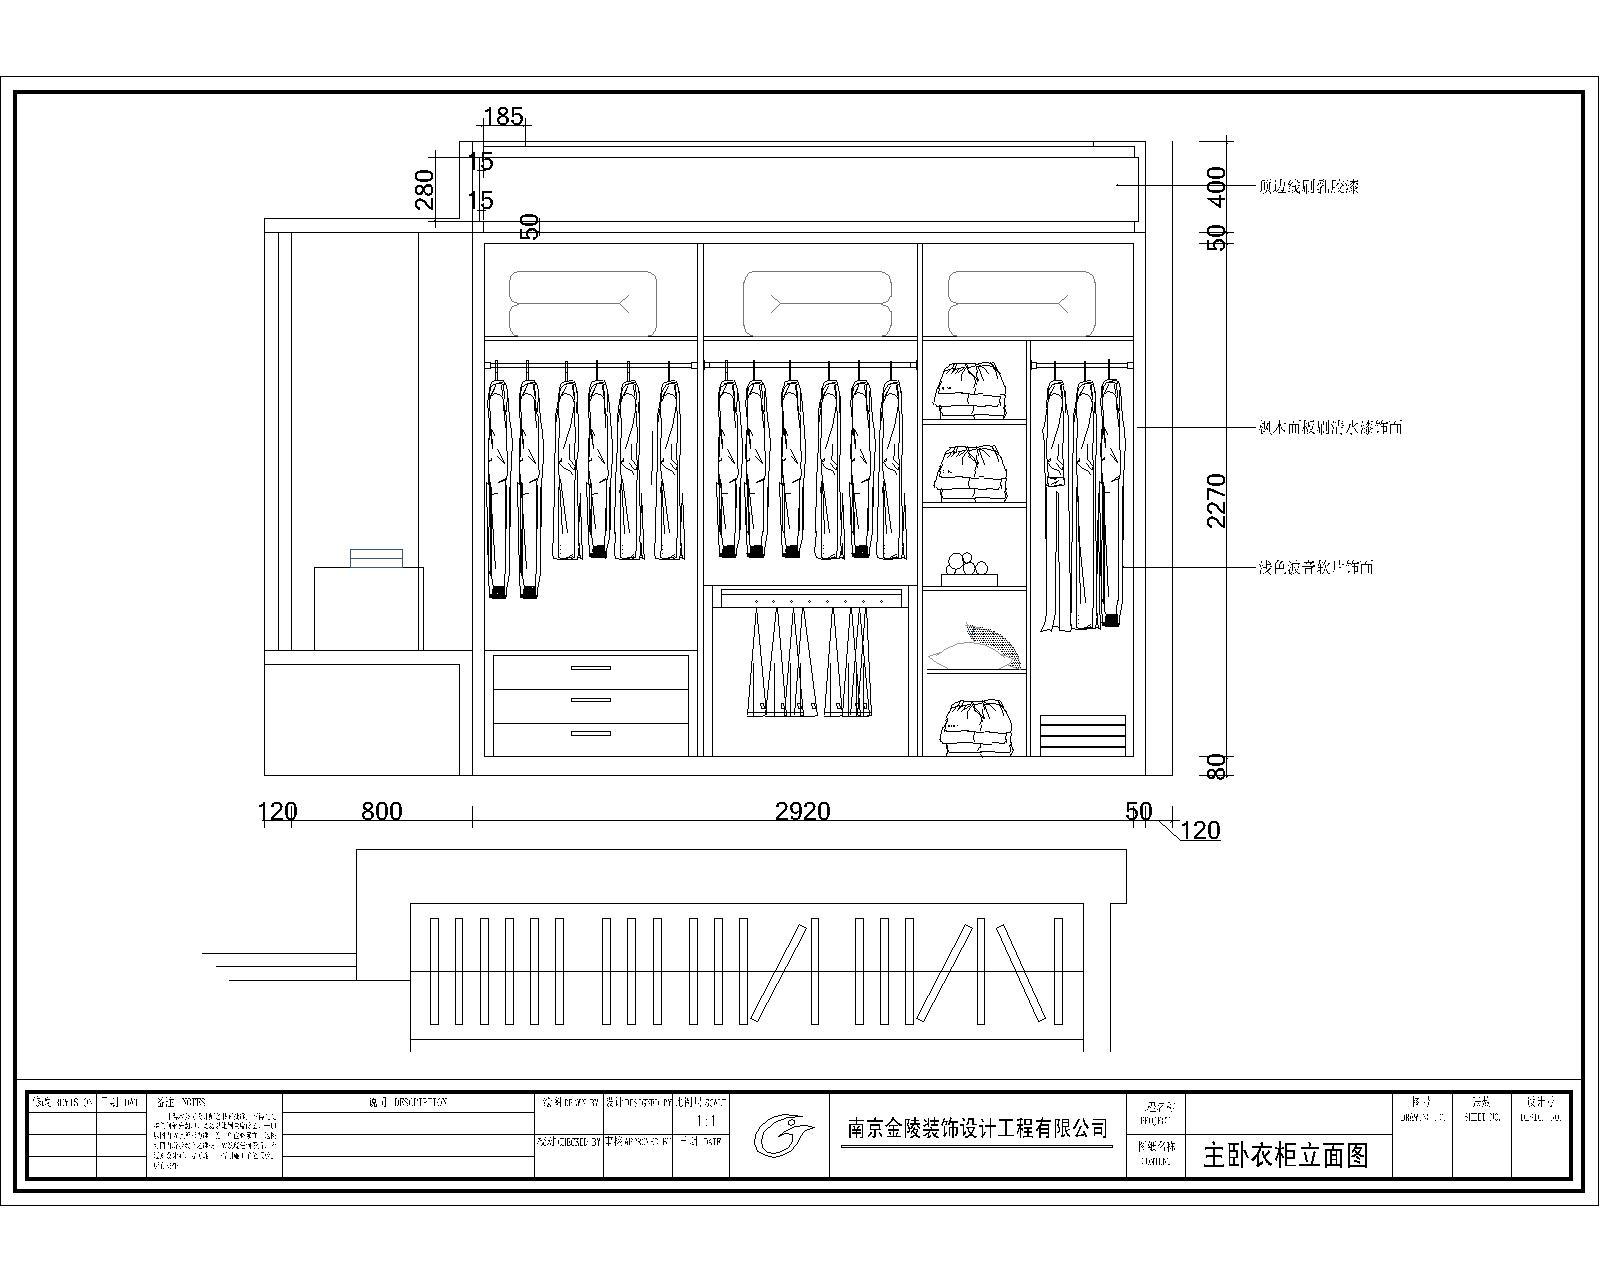 整体衣柜设计图片 59 2008-10-10 卧室大衣柜设计图片 111 2011-04-02图片